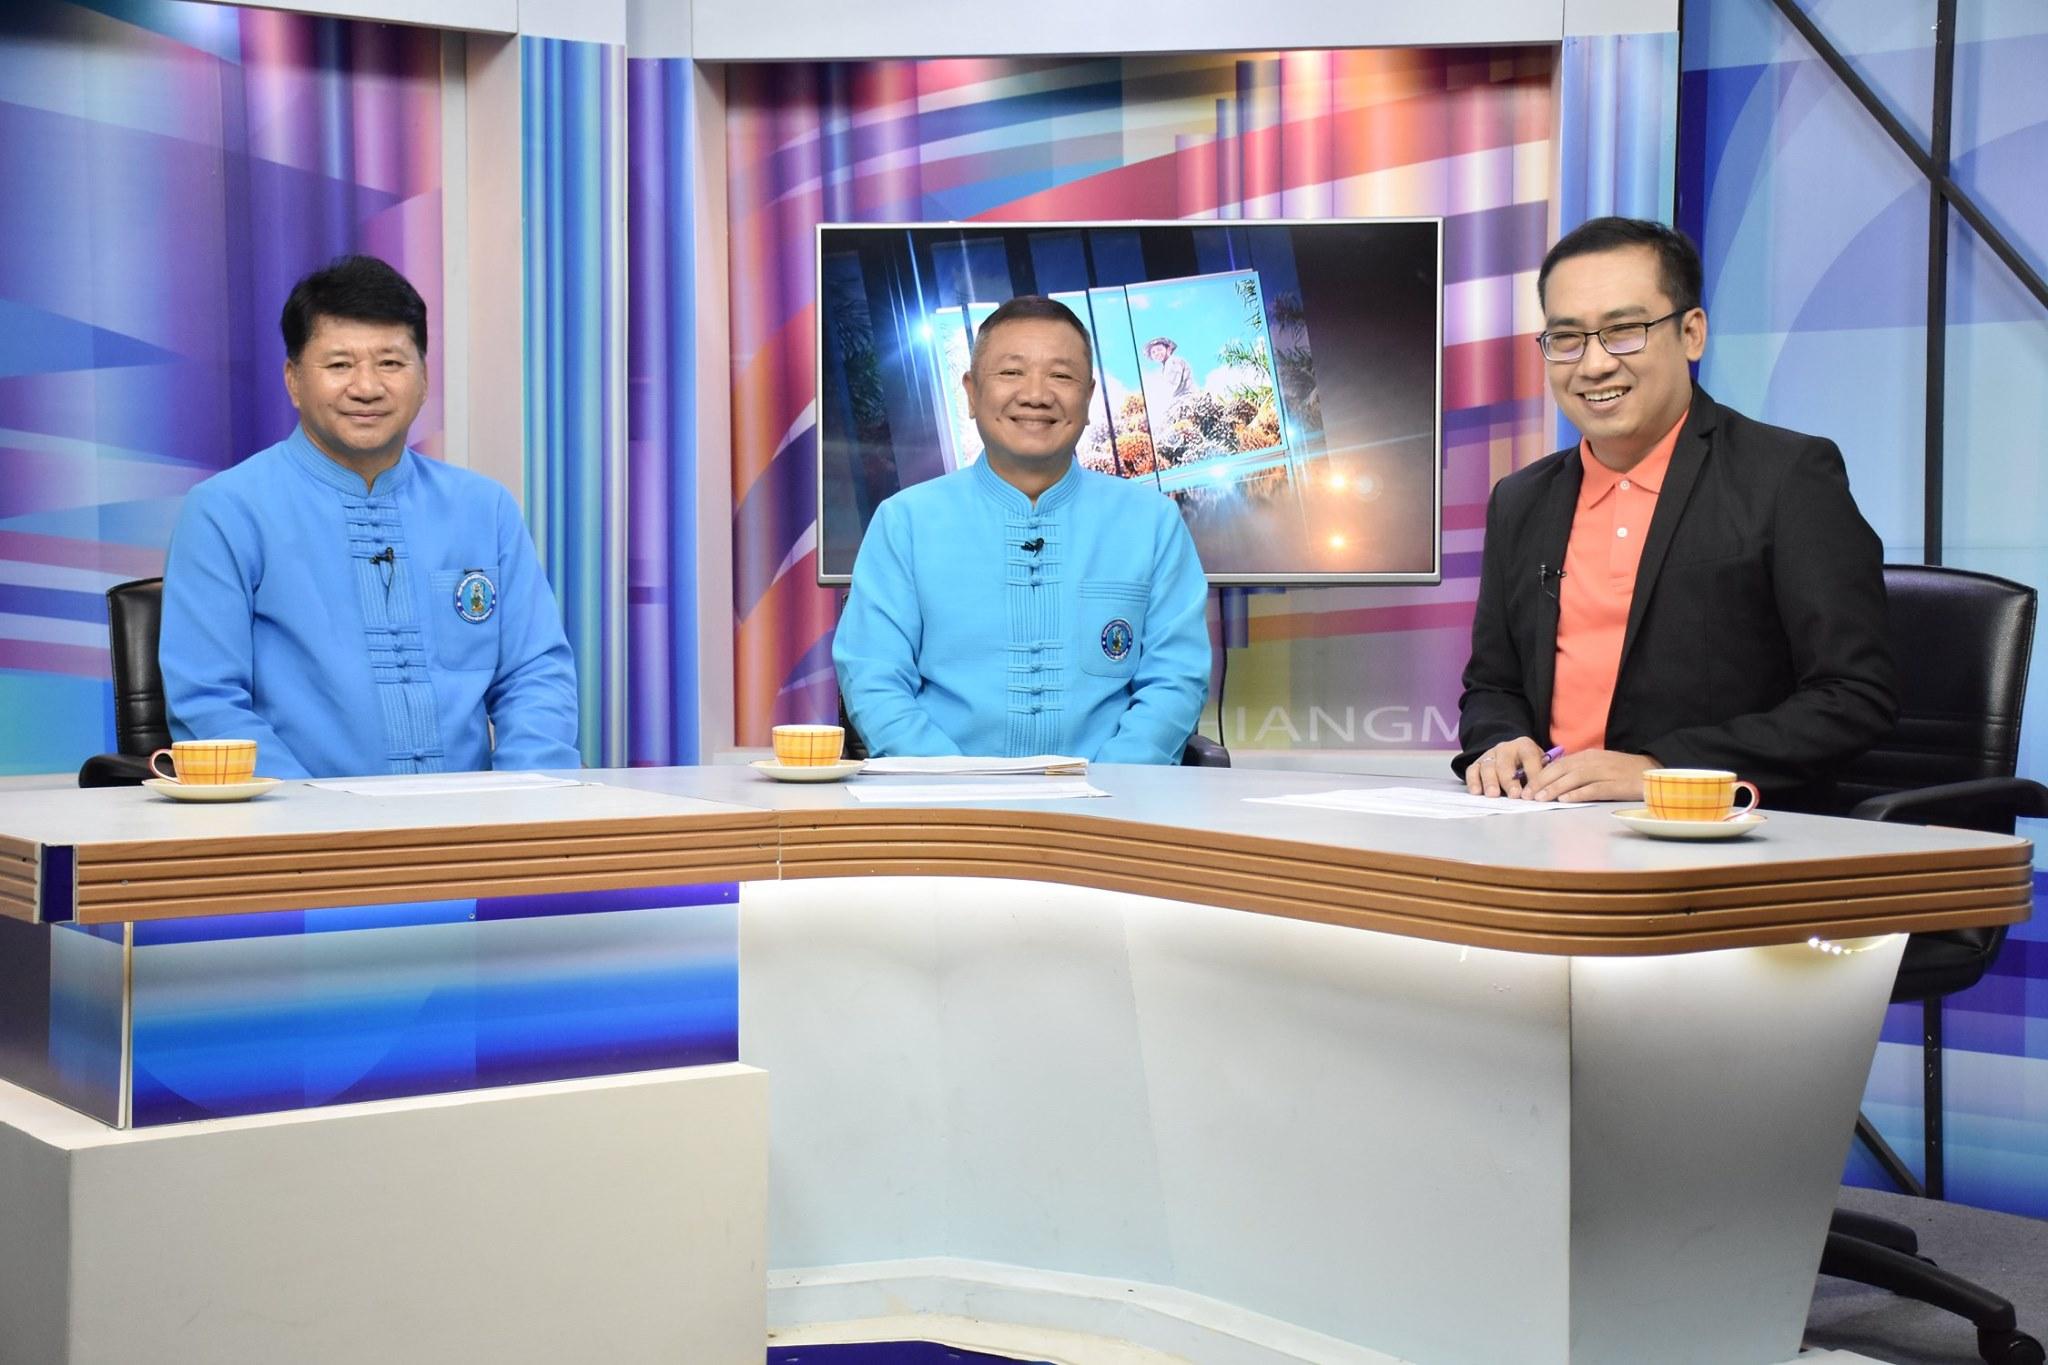 กปภ.ข.9 ชี้แจงมาตรการรับมือภัยแล้ง ณ สถานีวิทยุโทรทัศน์แห่งประเทศไทยจังหวัดเชียงใหม่